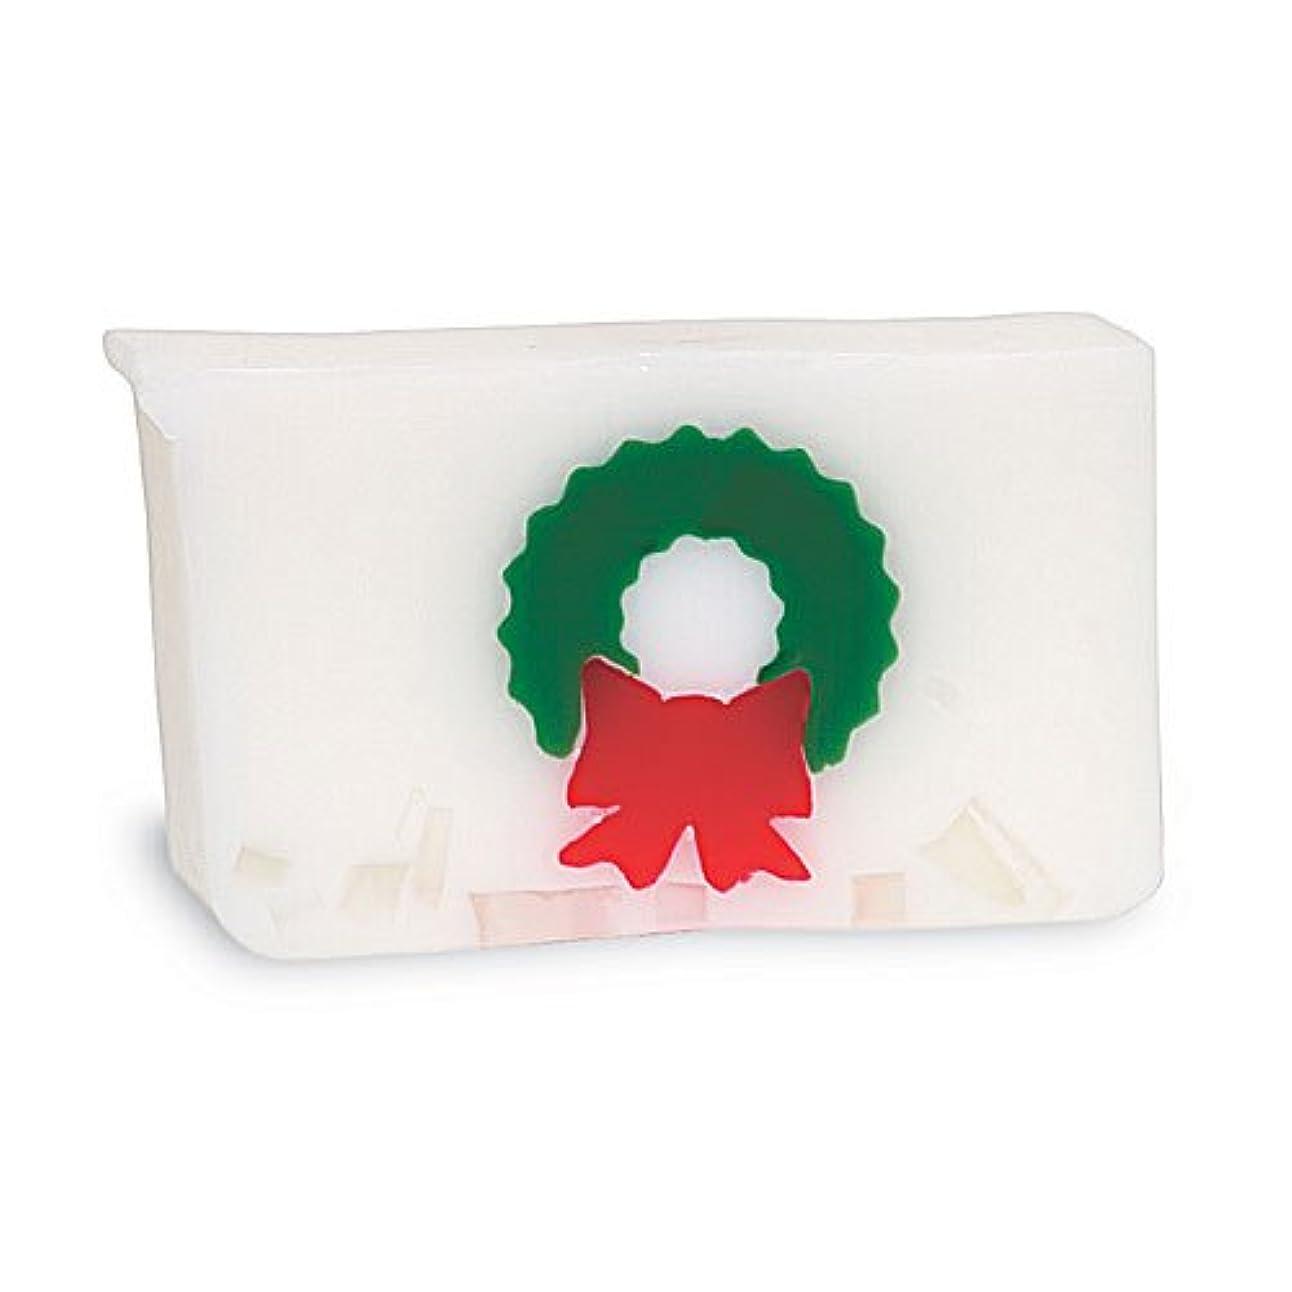 メンタリティスロープありそうプライモールエレメンツ アロマティック ソープ クリスマスリース 180g 植物性 ナチュラル 石鹸 無添加